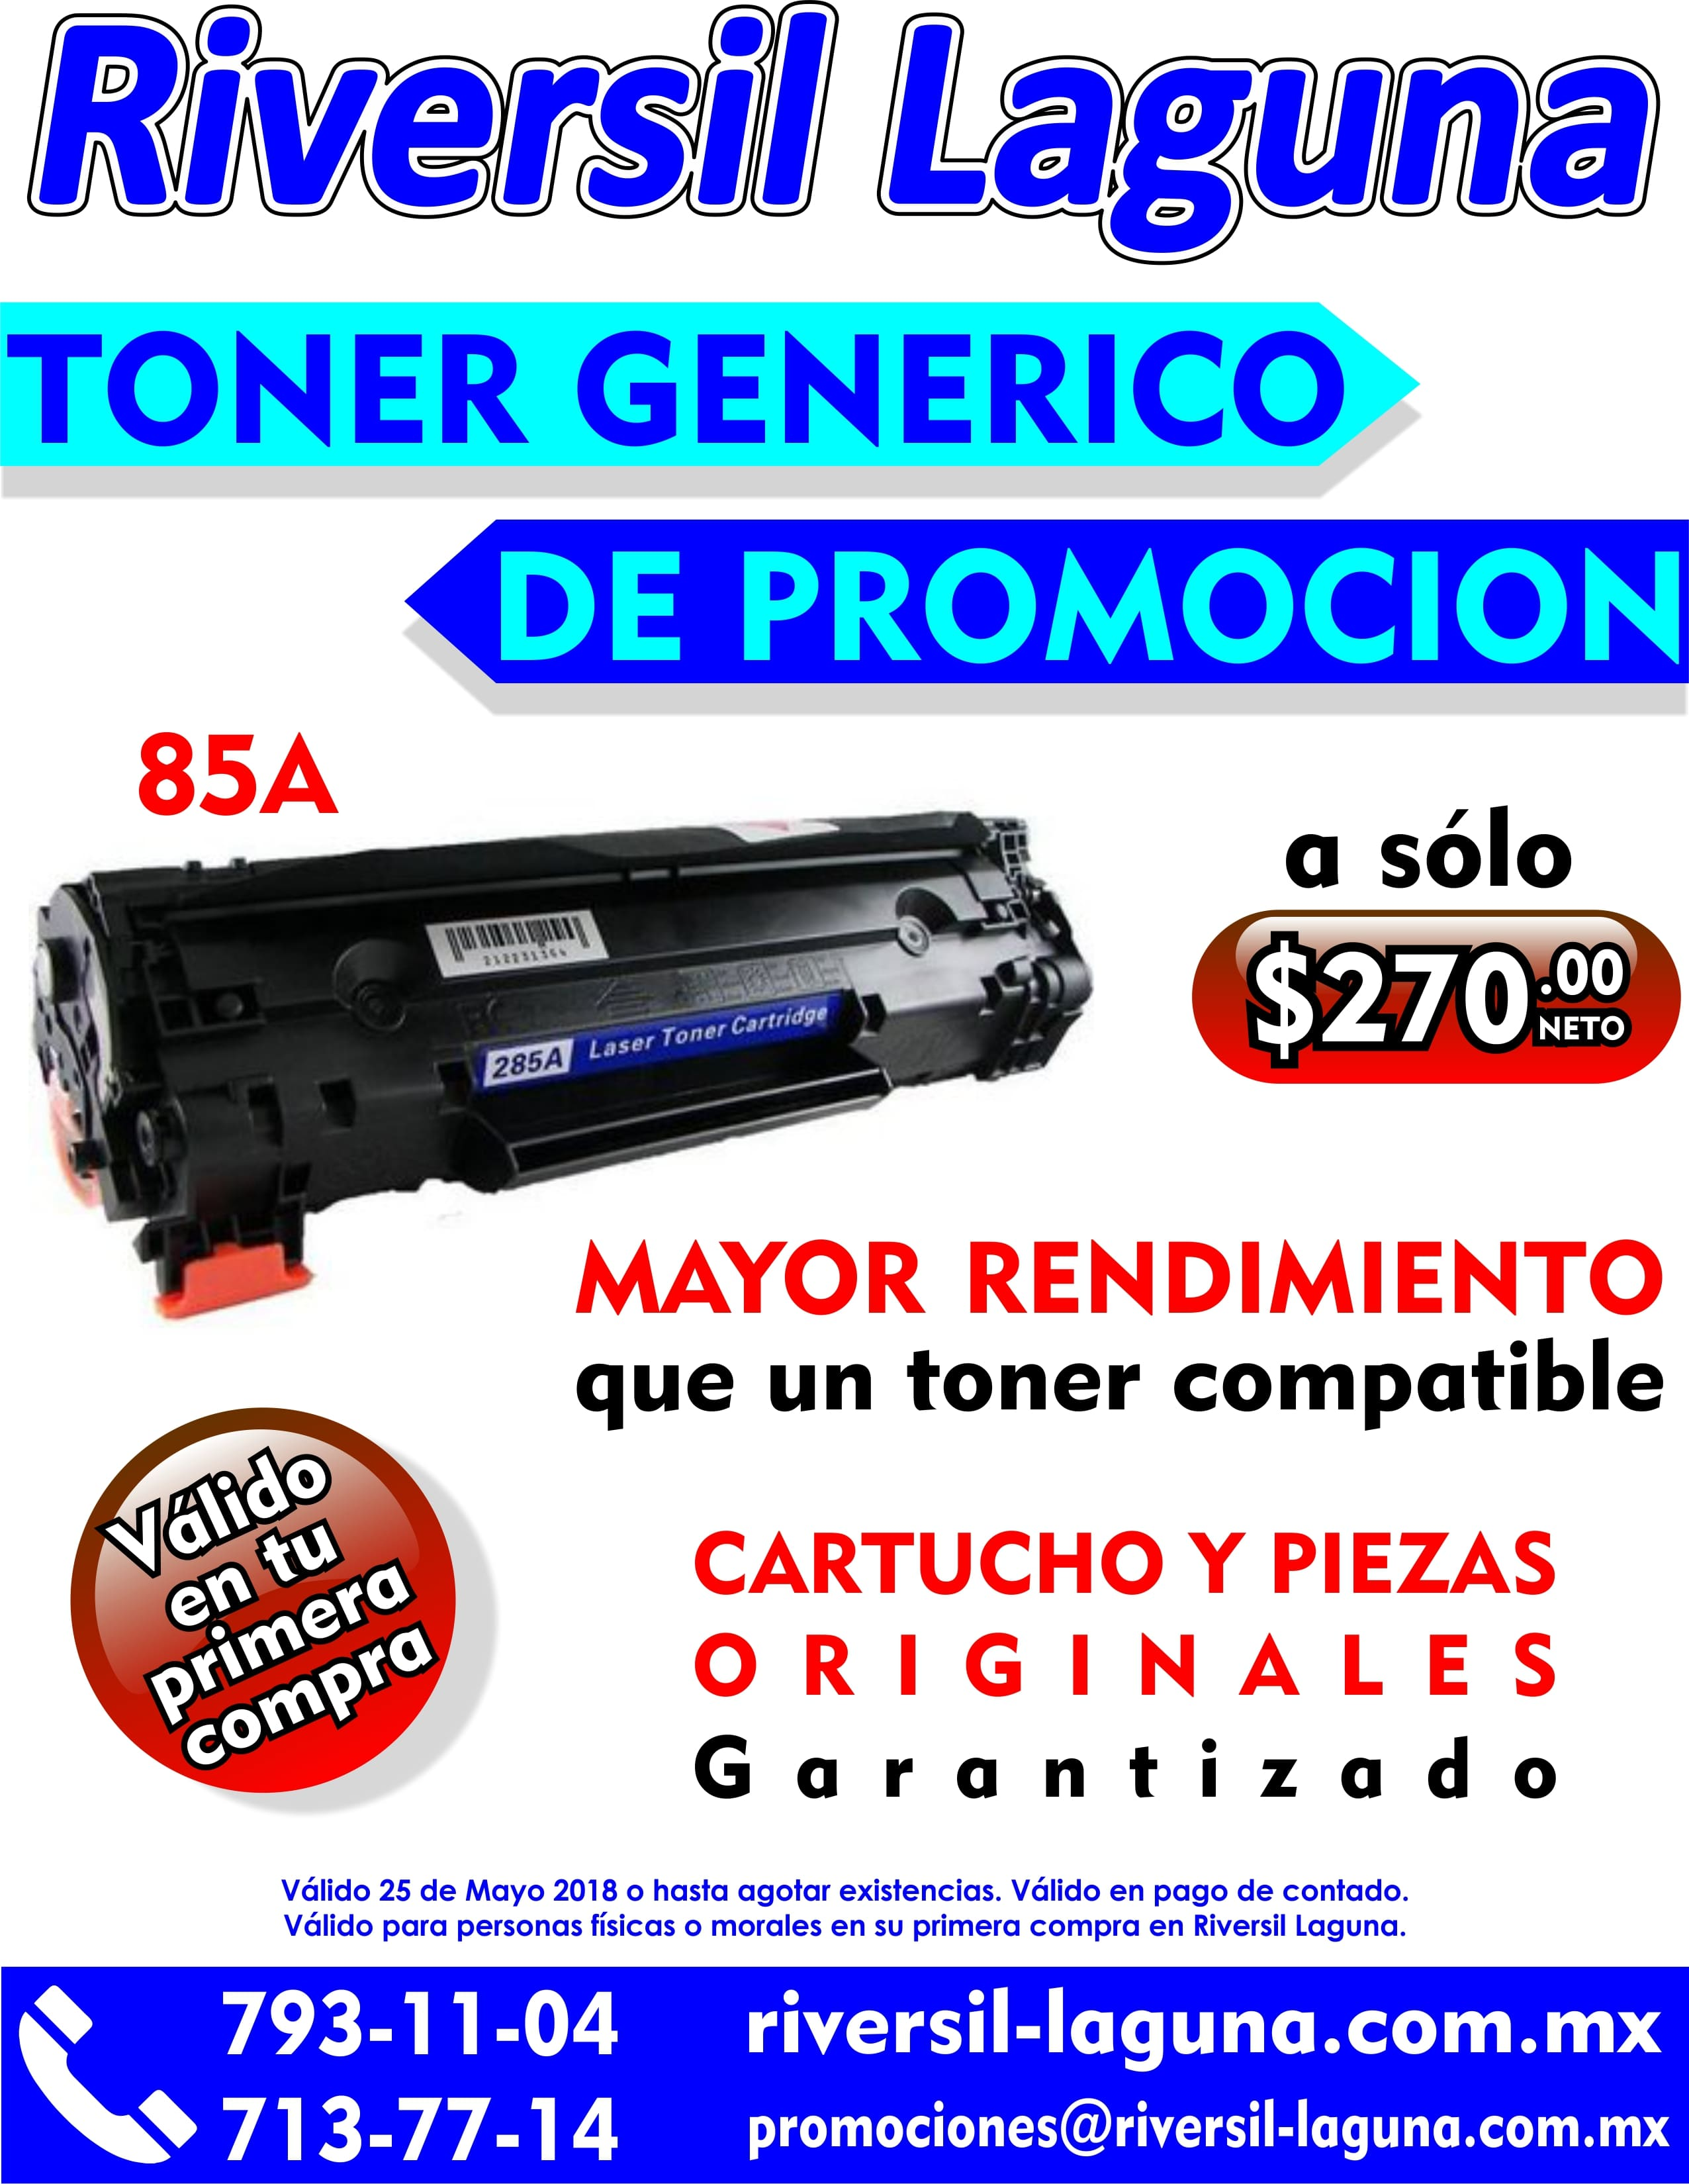 TONER GENERICO 85 A DE PROMOCION